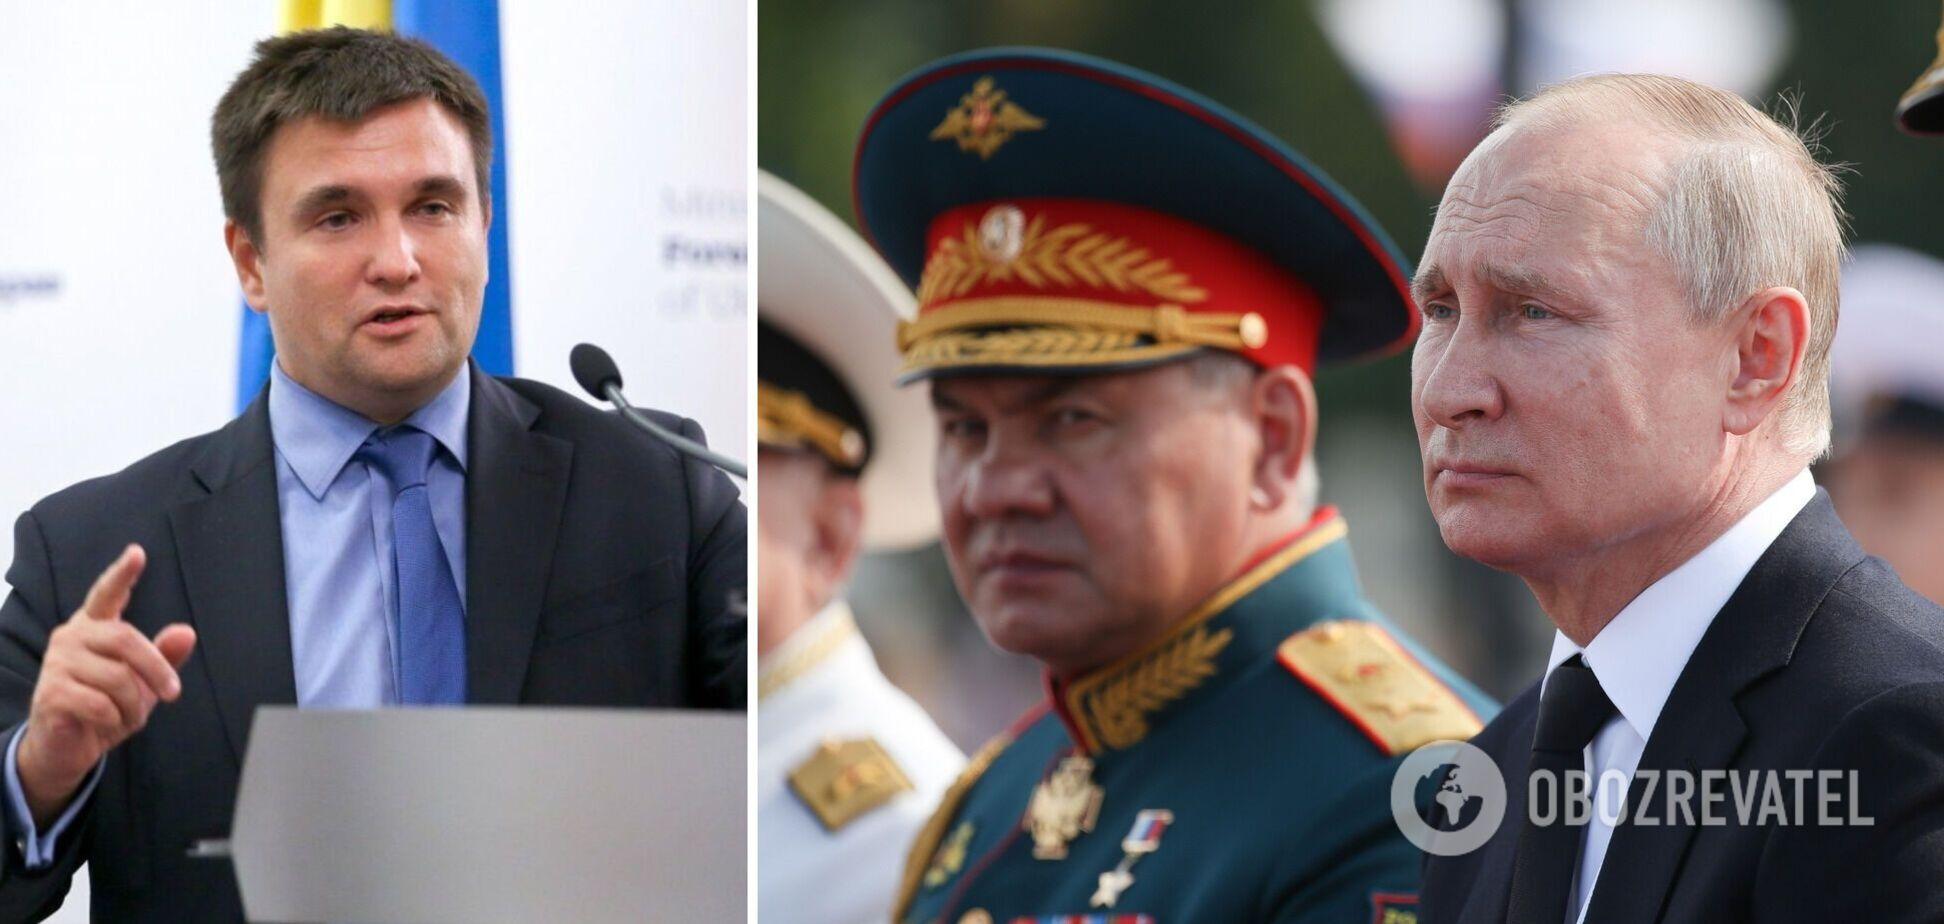 Путін має план щодо України, Зеленському час діяти, – Клімкін